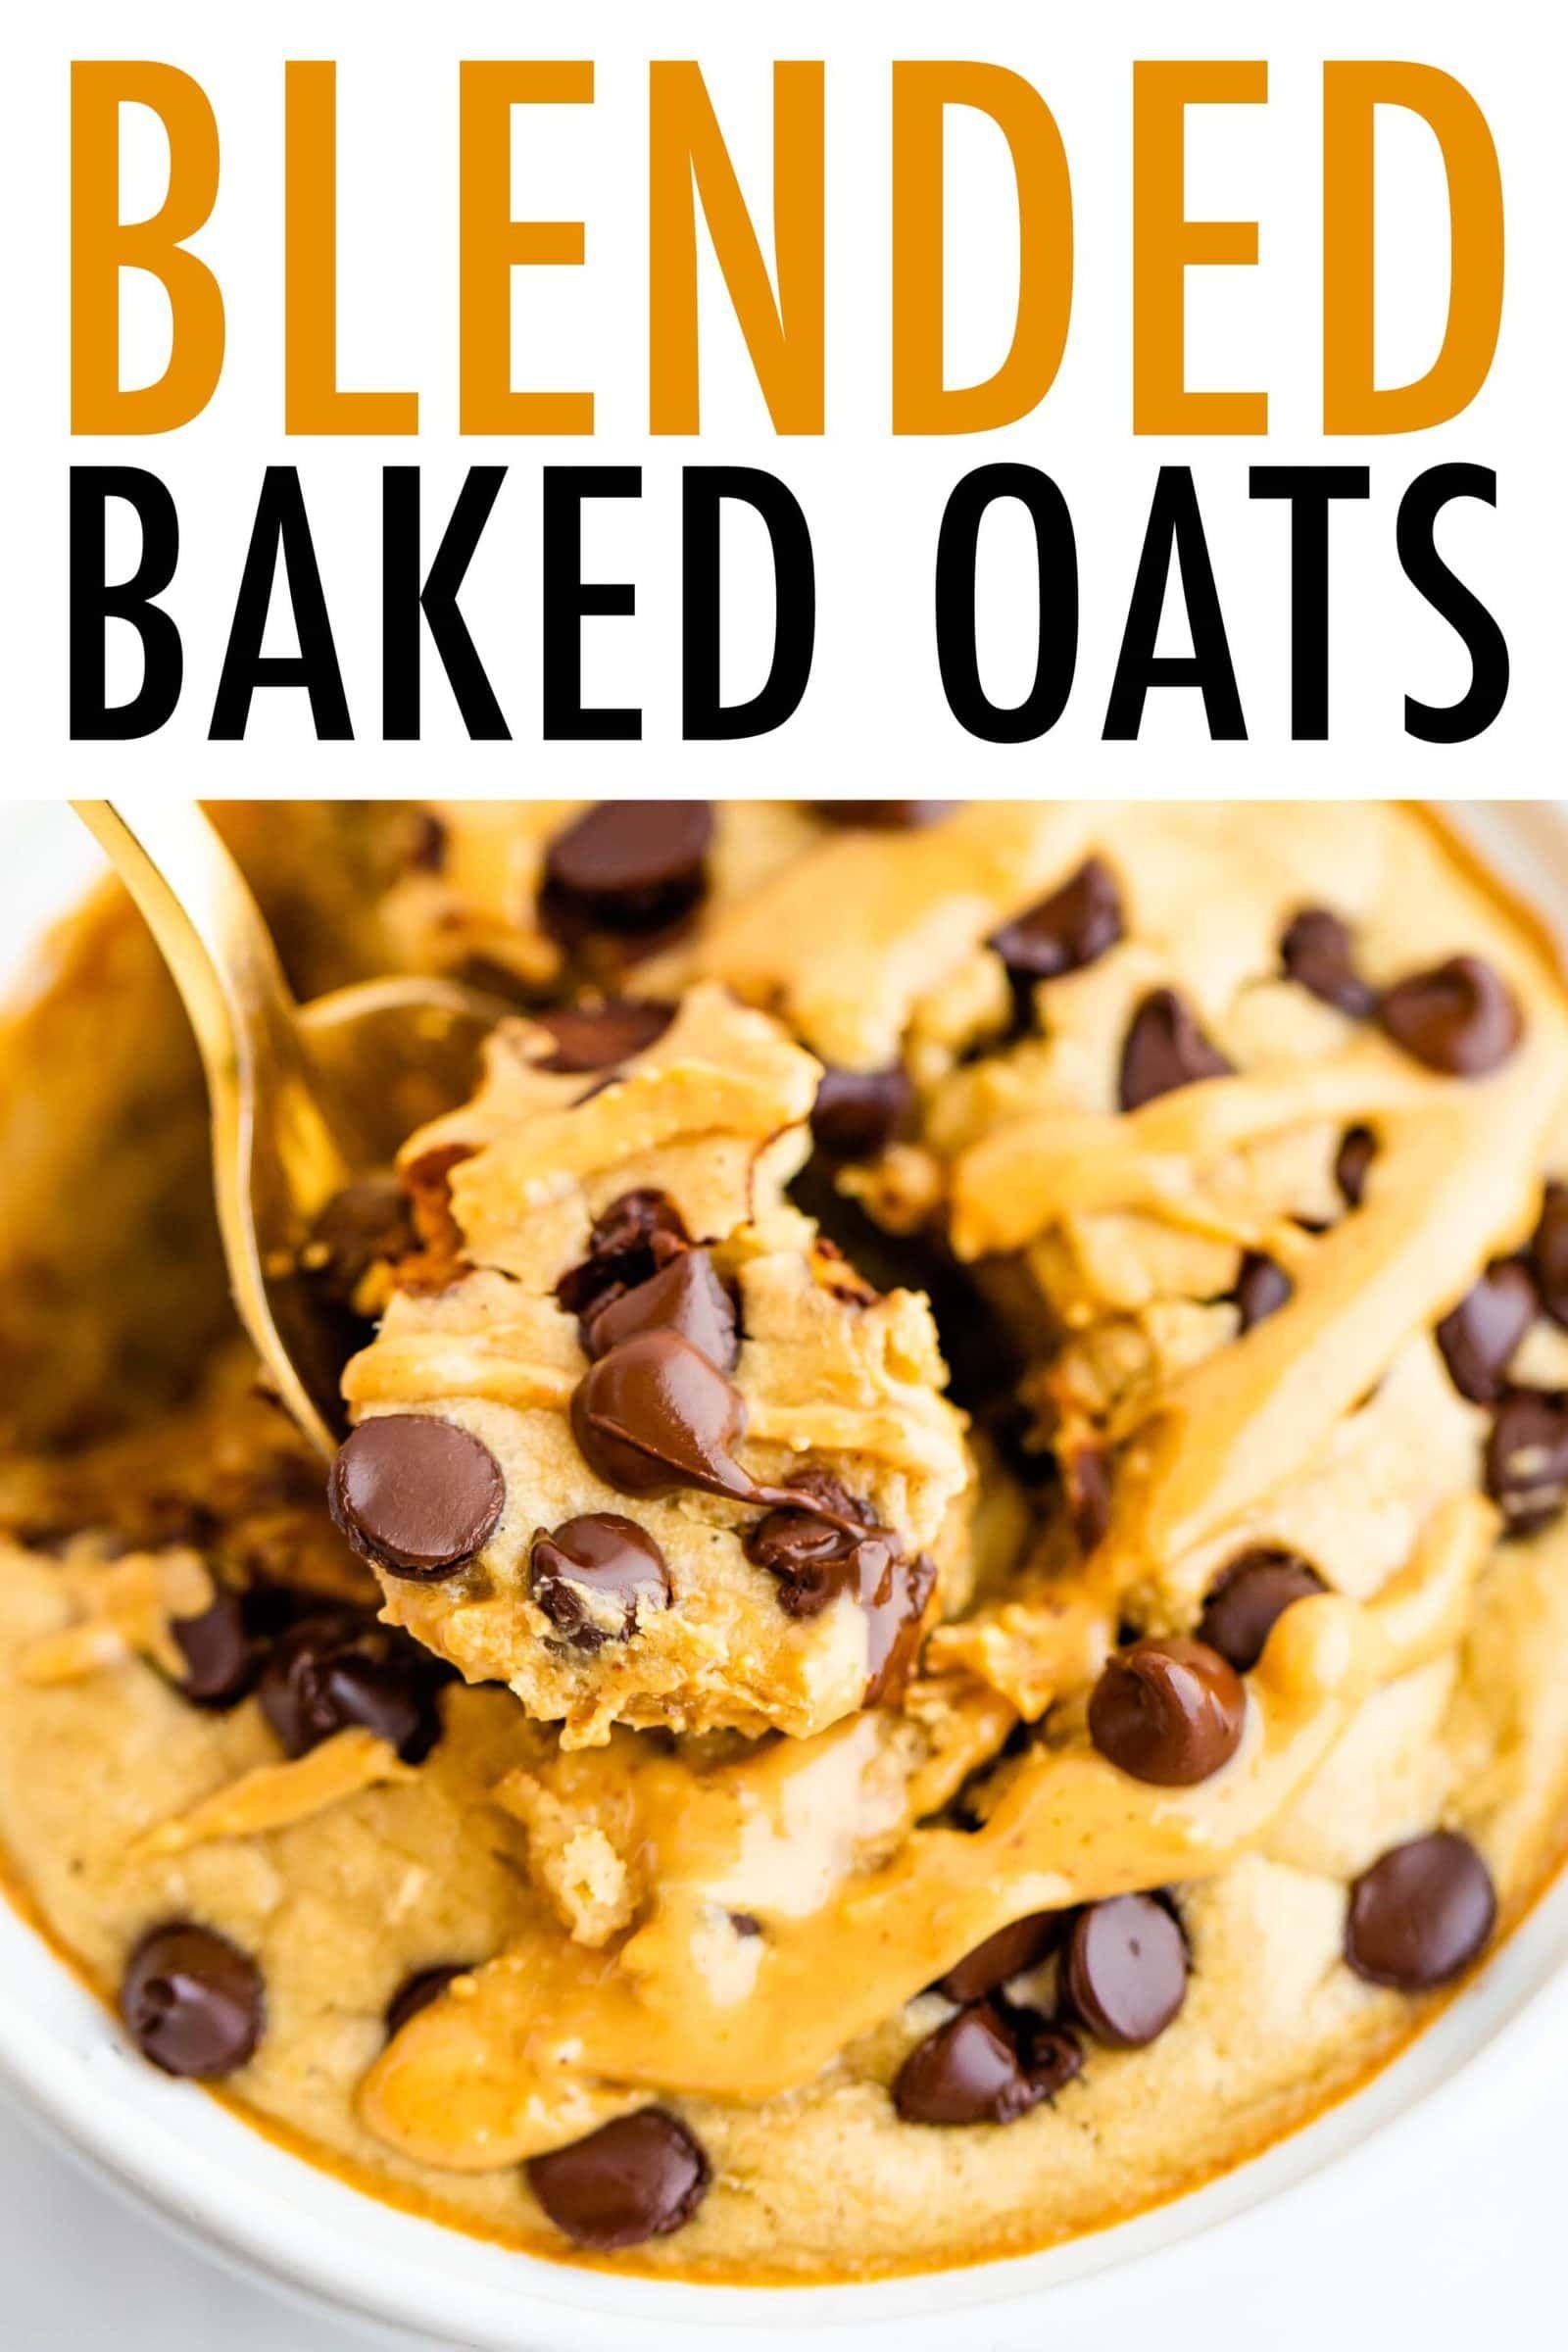 Blended Baked Oats Tiktok Recipe Eating Bird Food Recipe In 2021 Baked Oats Recipes Food Videos Desserts